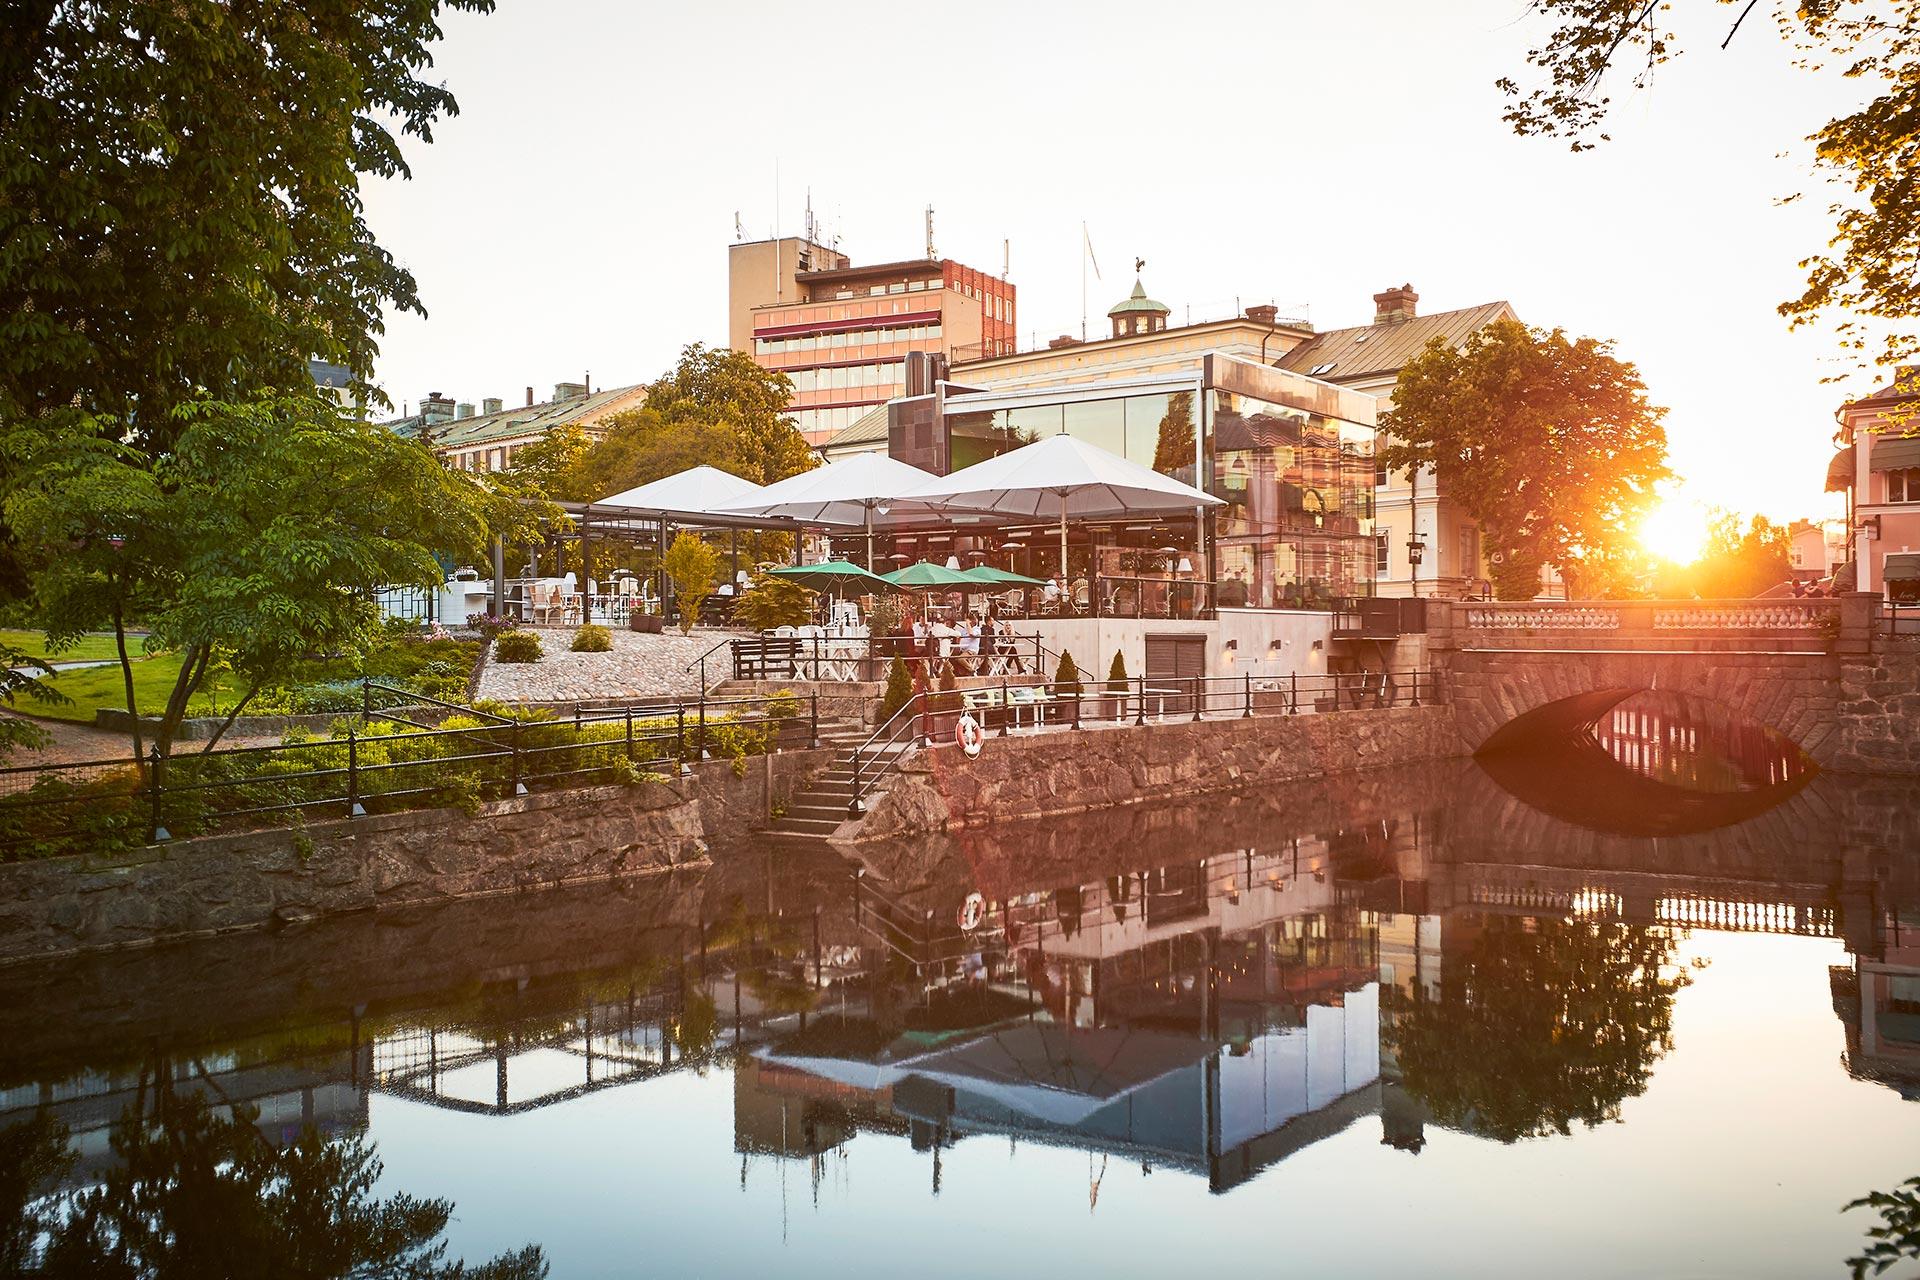 Brasserie Stadsparken i solnedgång. Fotograf: Pia Nordlander